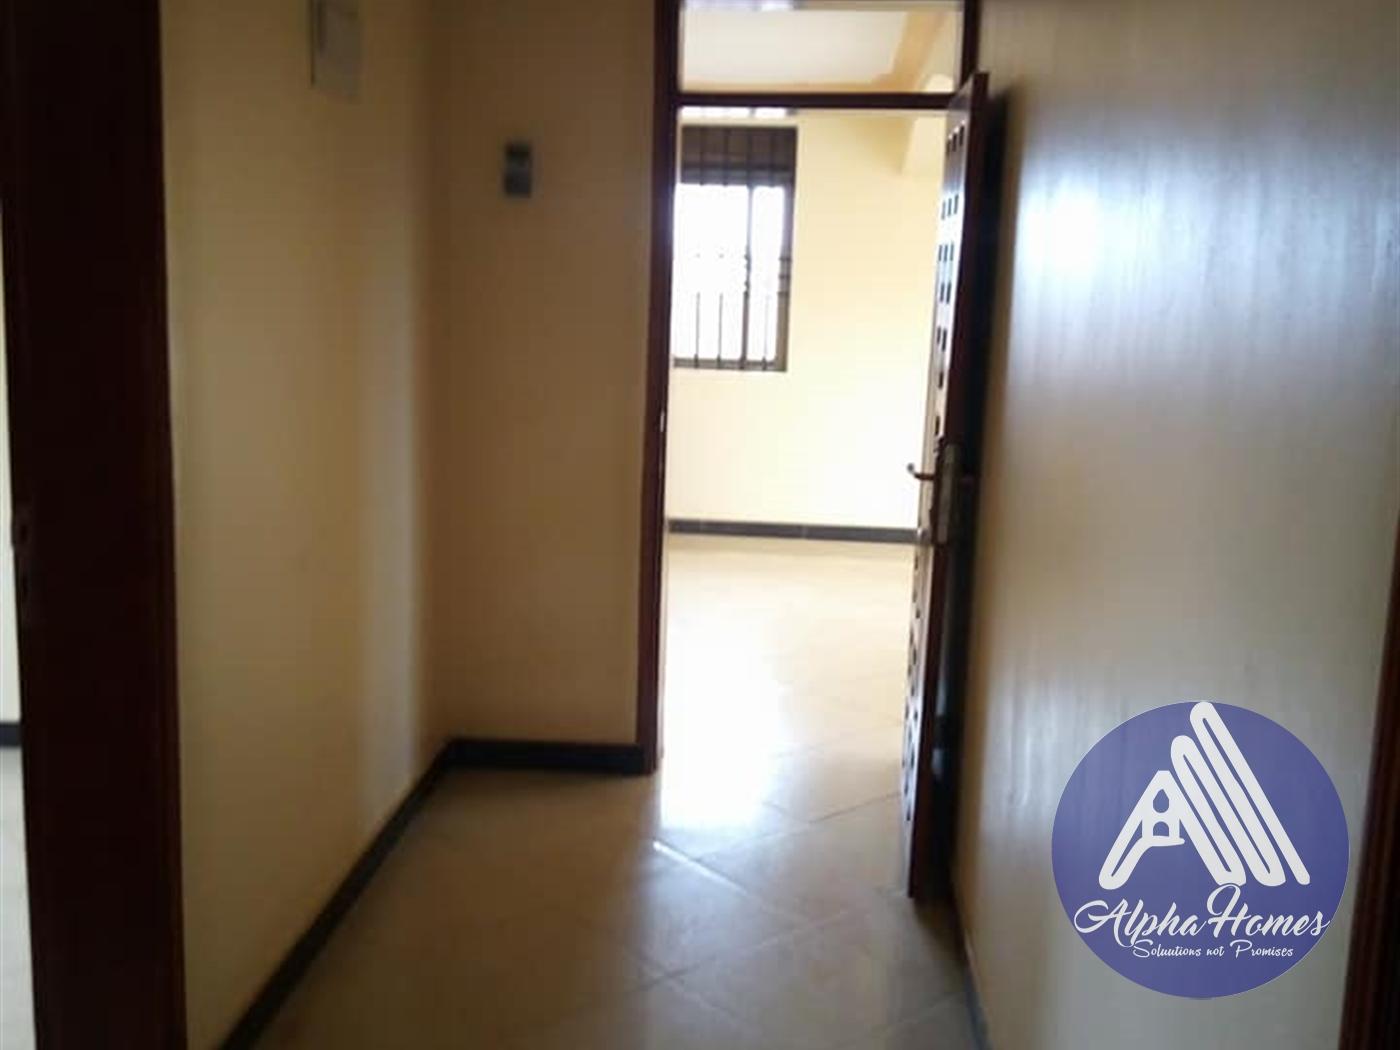 Apartment for rent in Namugongo Kampala